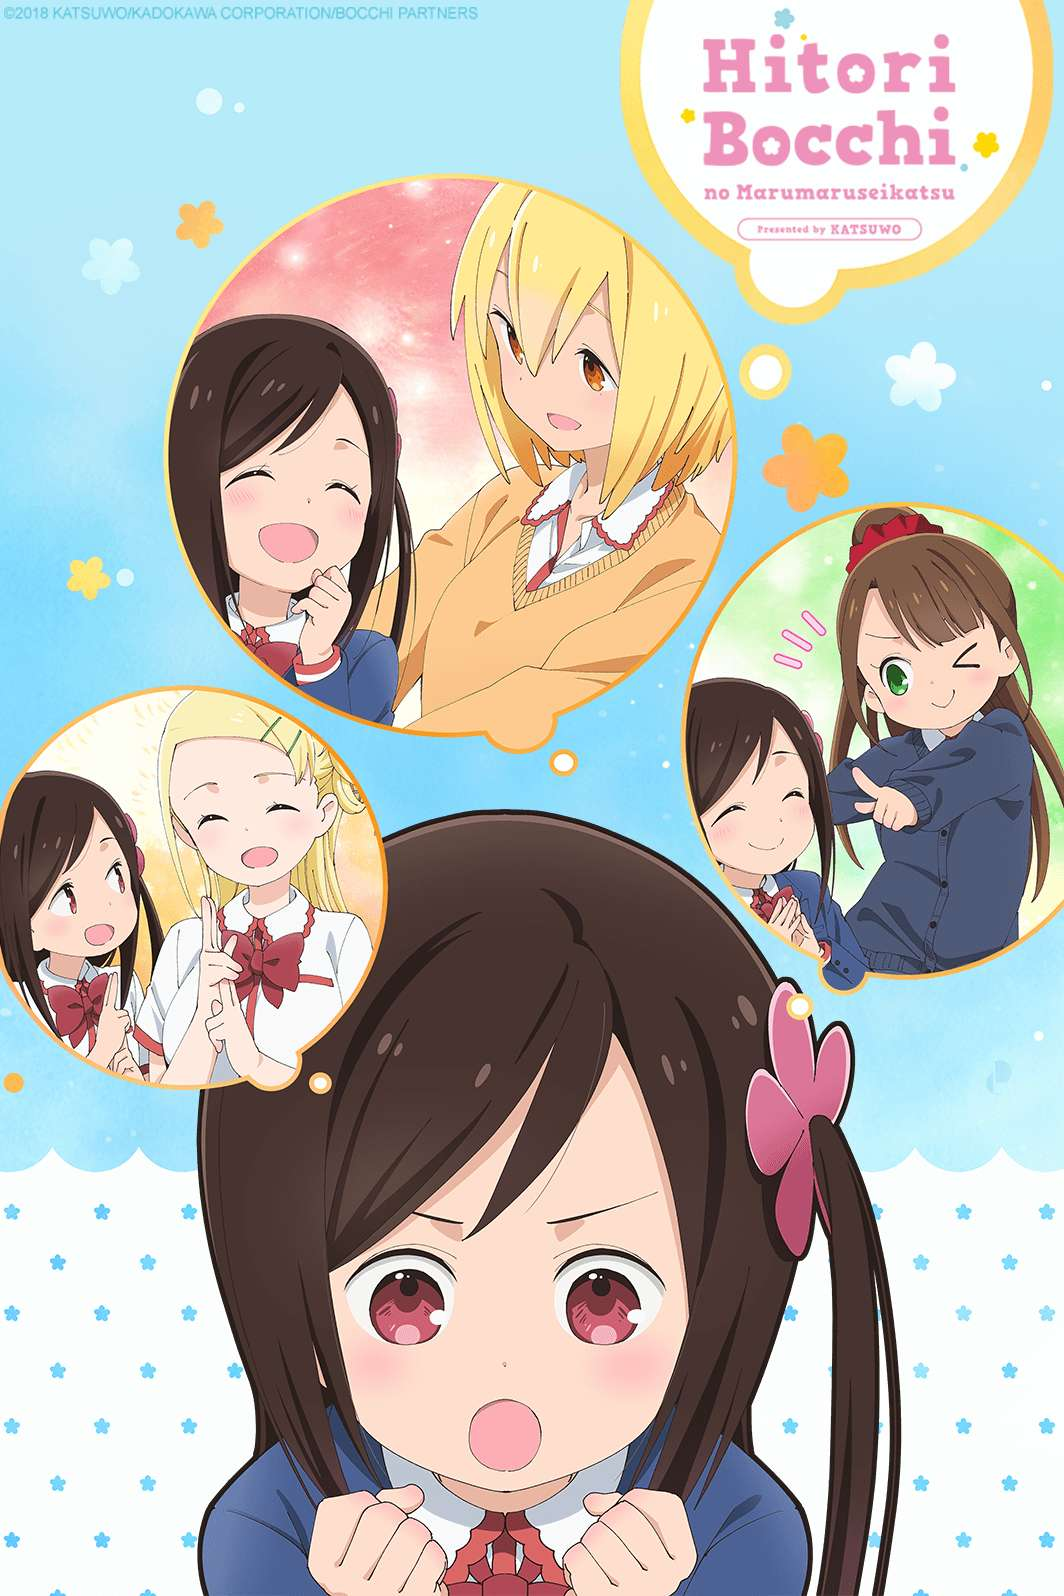 Poster of Hitoribocchi no Marumaru Seikatsu